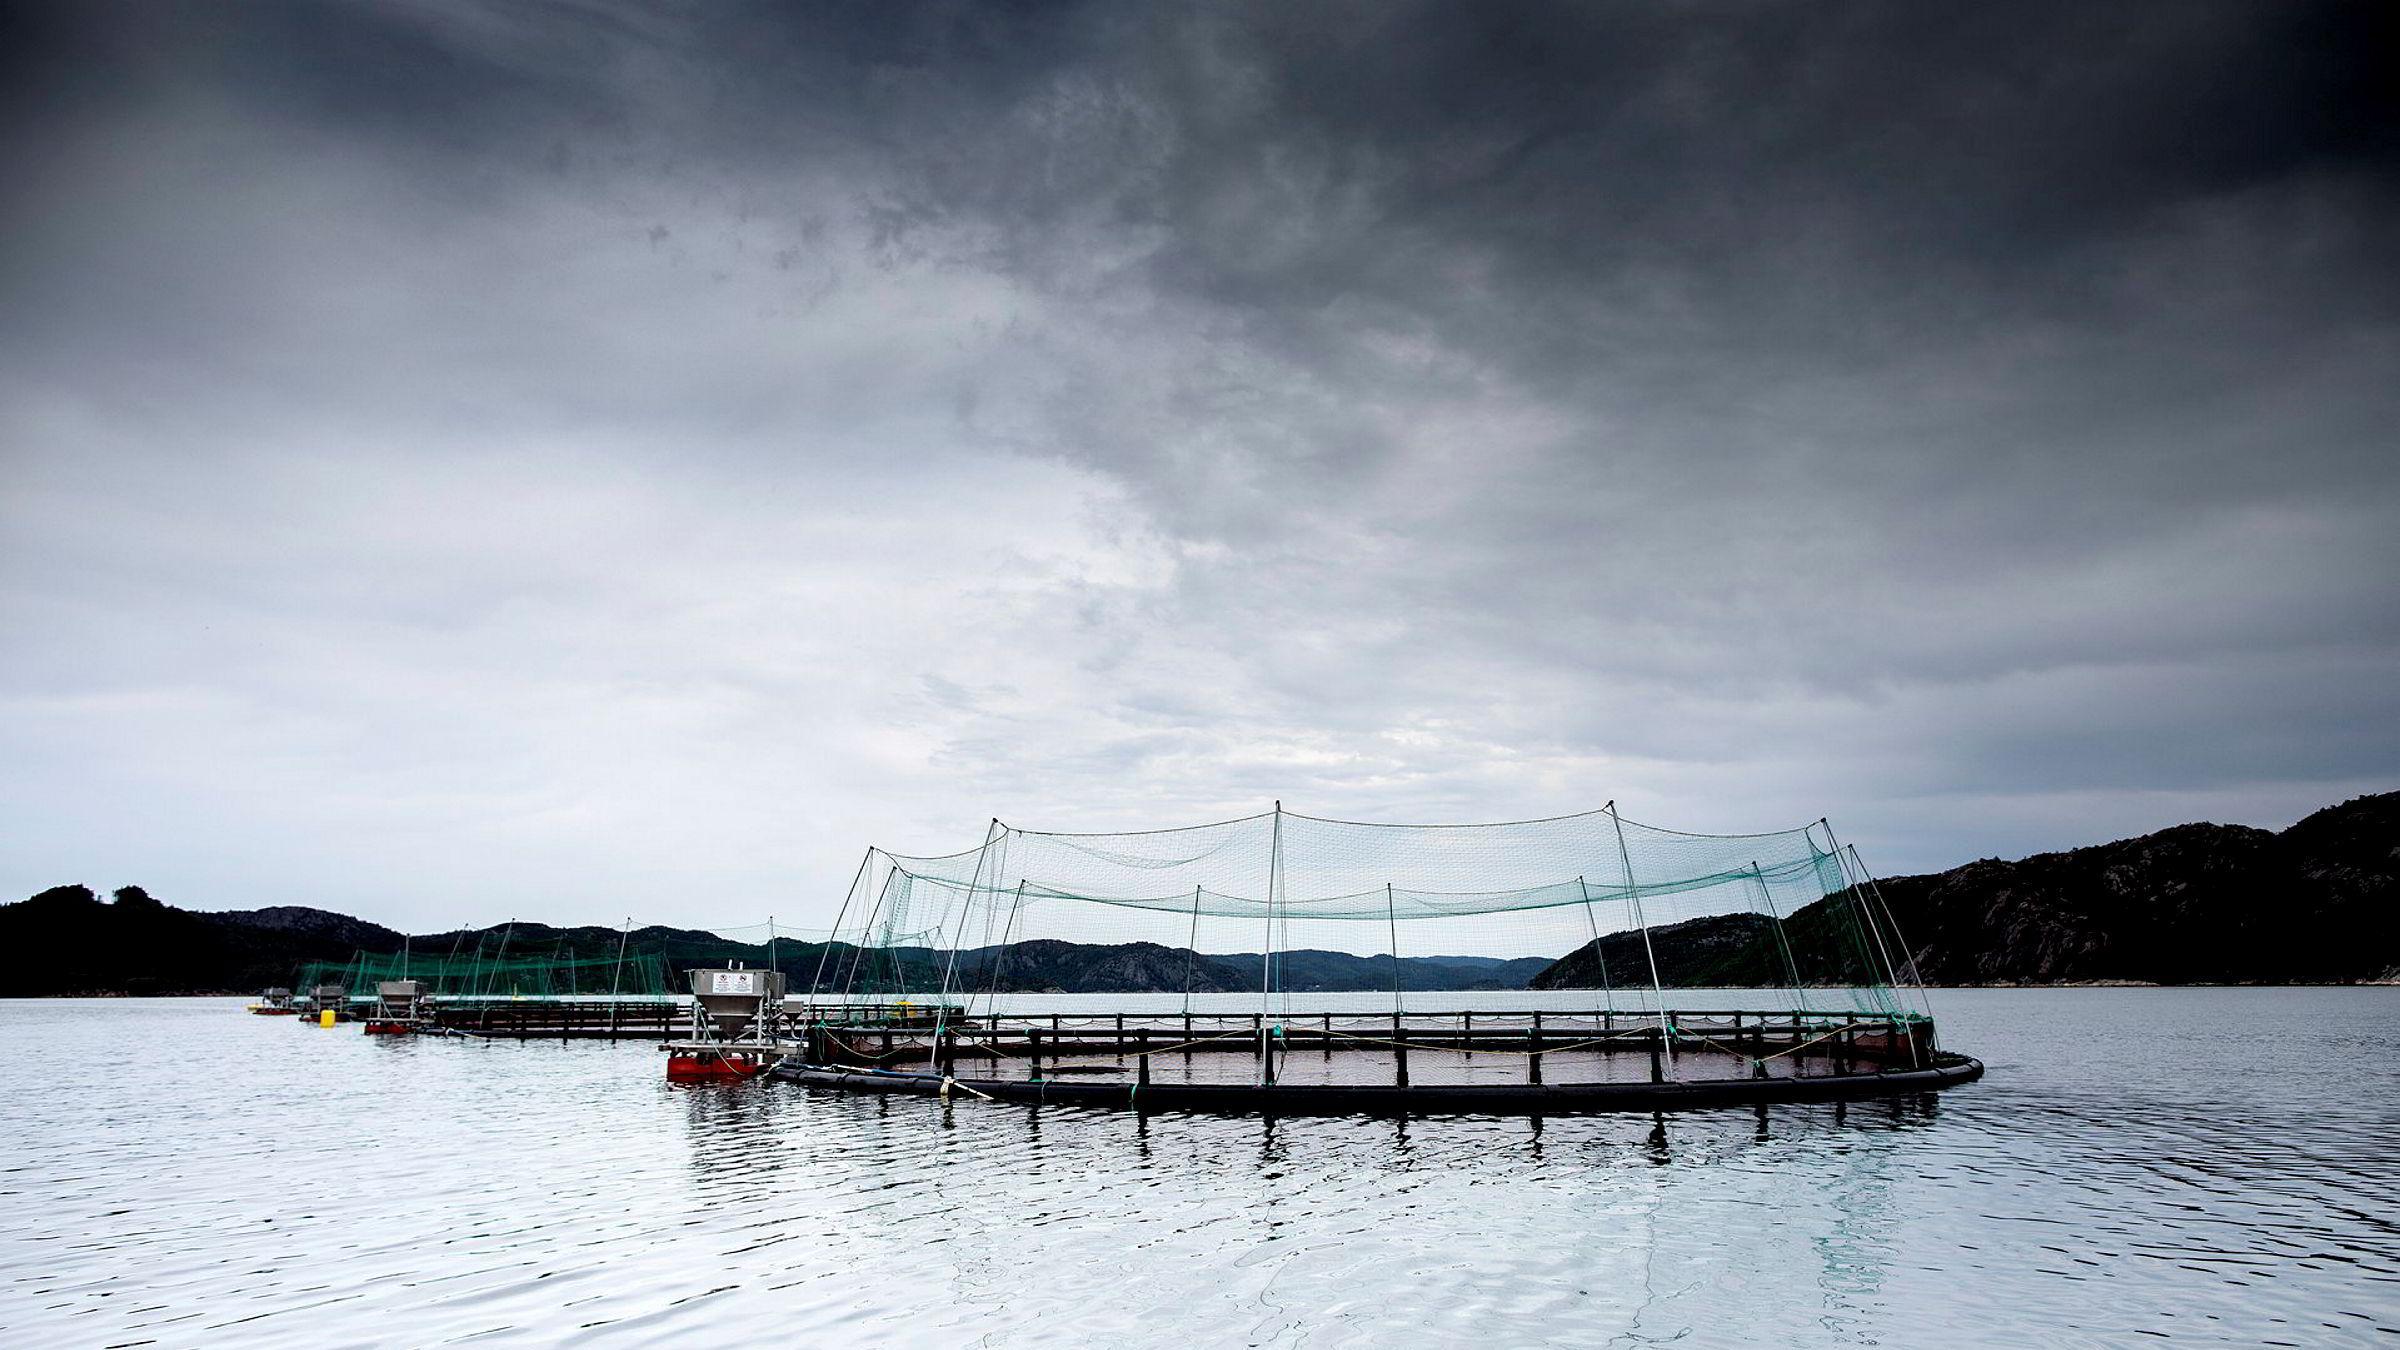 Med vårt forslag vil havbrukskommunene få stabile skatteinntekter fra den lokale havbruksaktiviteten, skriver utvalgsleder Karen Helene Ulltveit-Moe om havbrukskatteutvalgets forslag til skatt på oppdrettsnæringens overskudd fra bruken av naturressursene. Her fra Korshavn Havbruk som driver med lakseoppdrett.